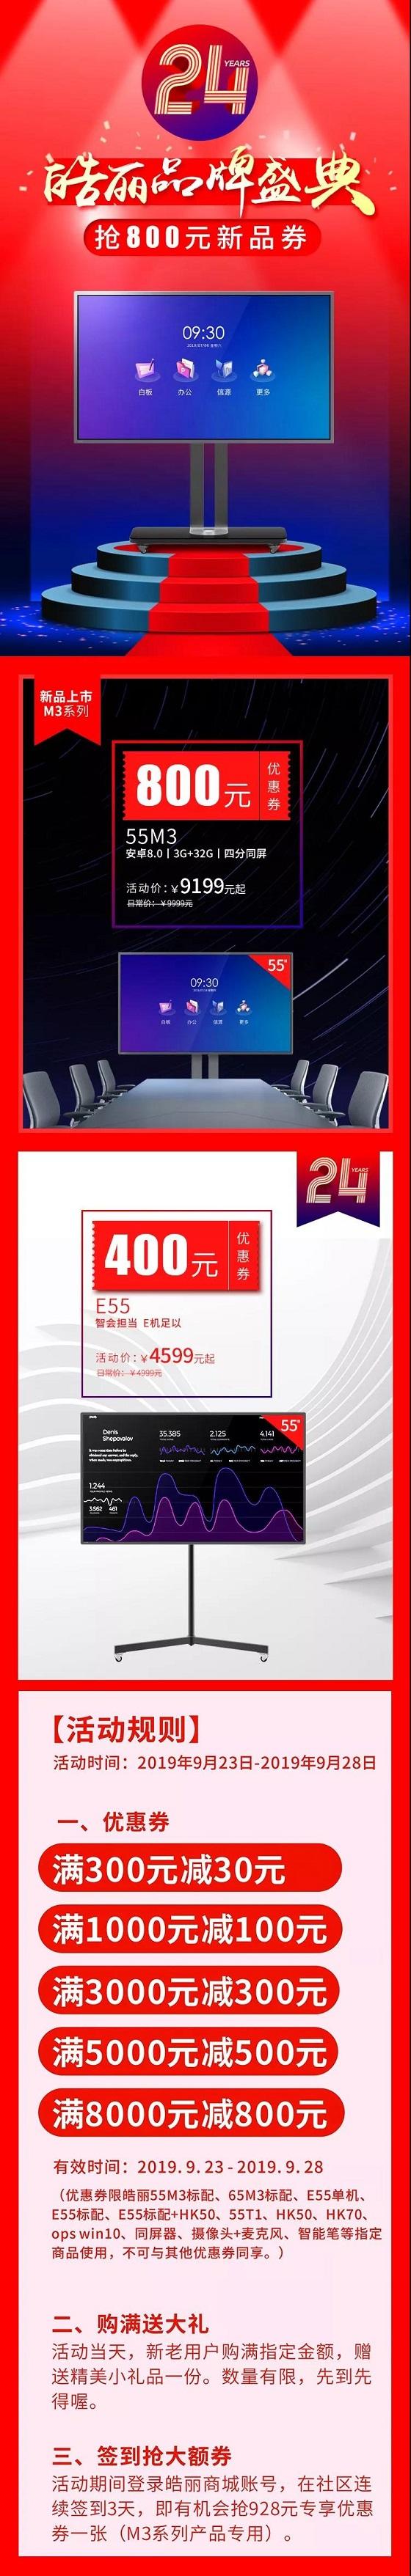 皓丽928品牌盛典特惠来袭 全场最高优惠近千元